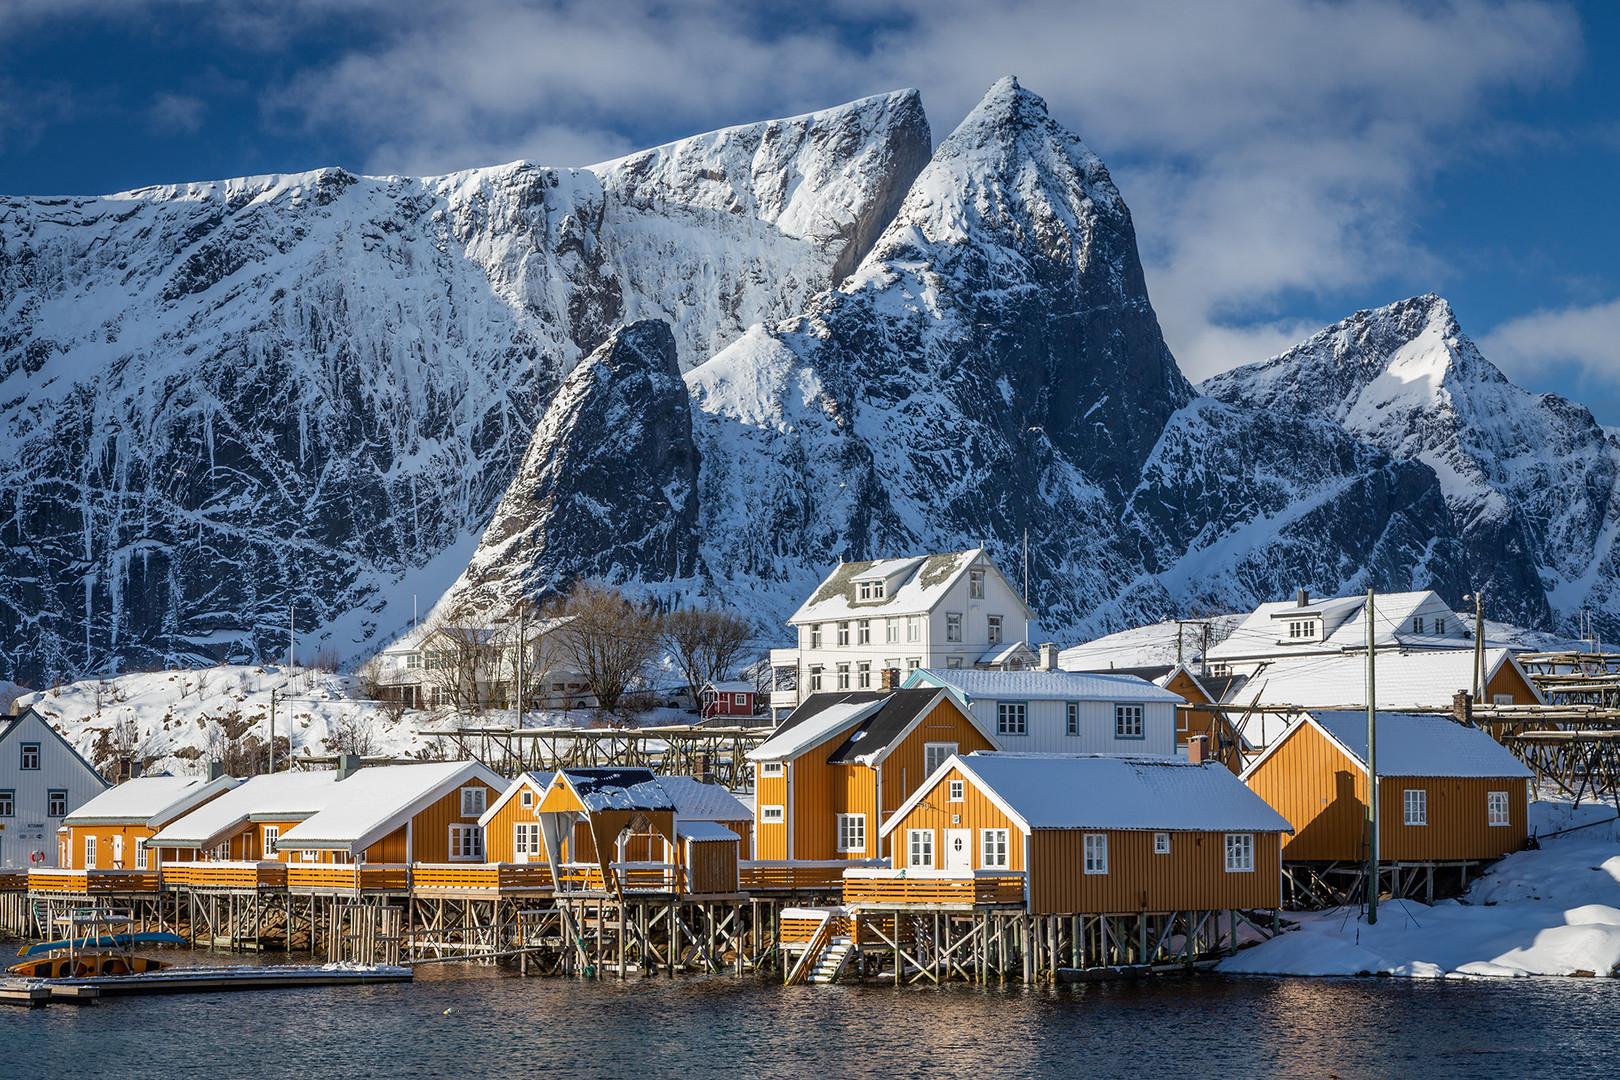 Scenic houses on Sakrisøy